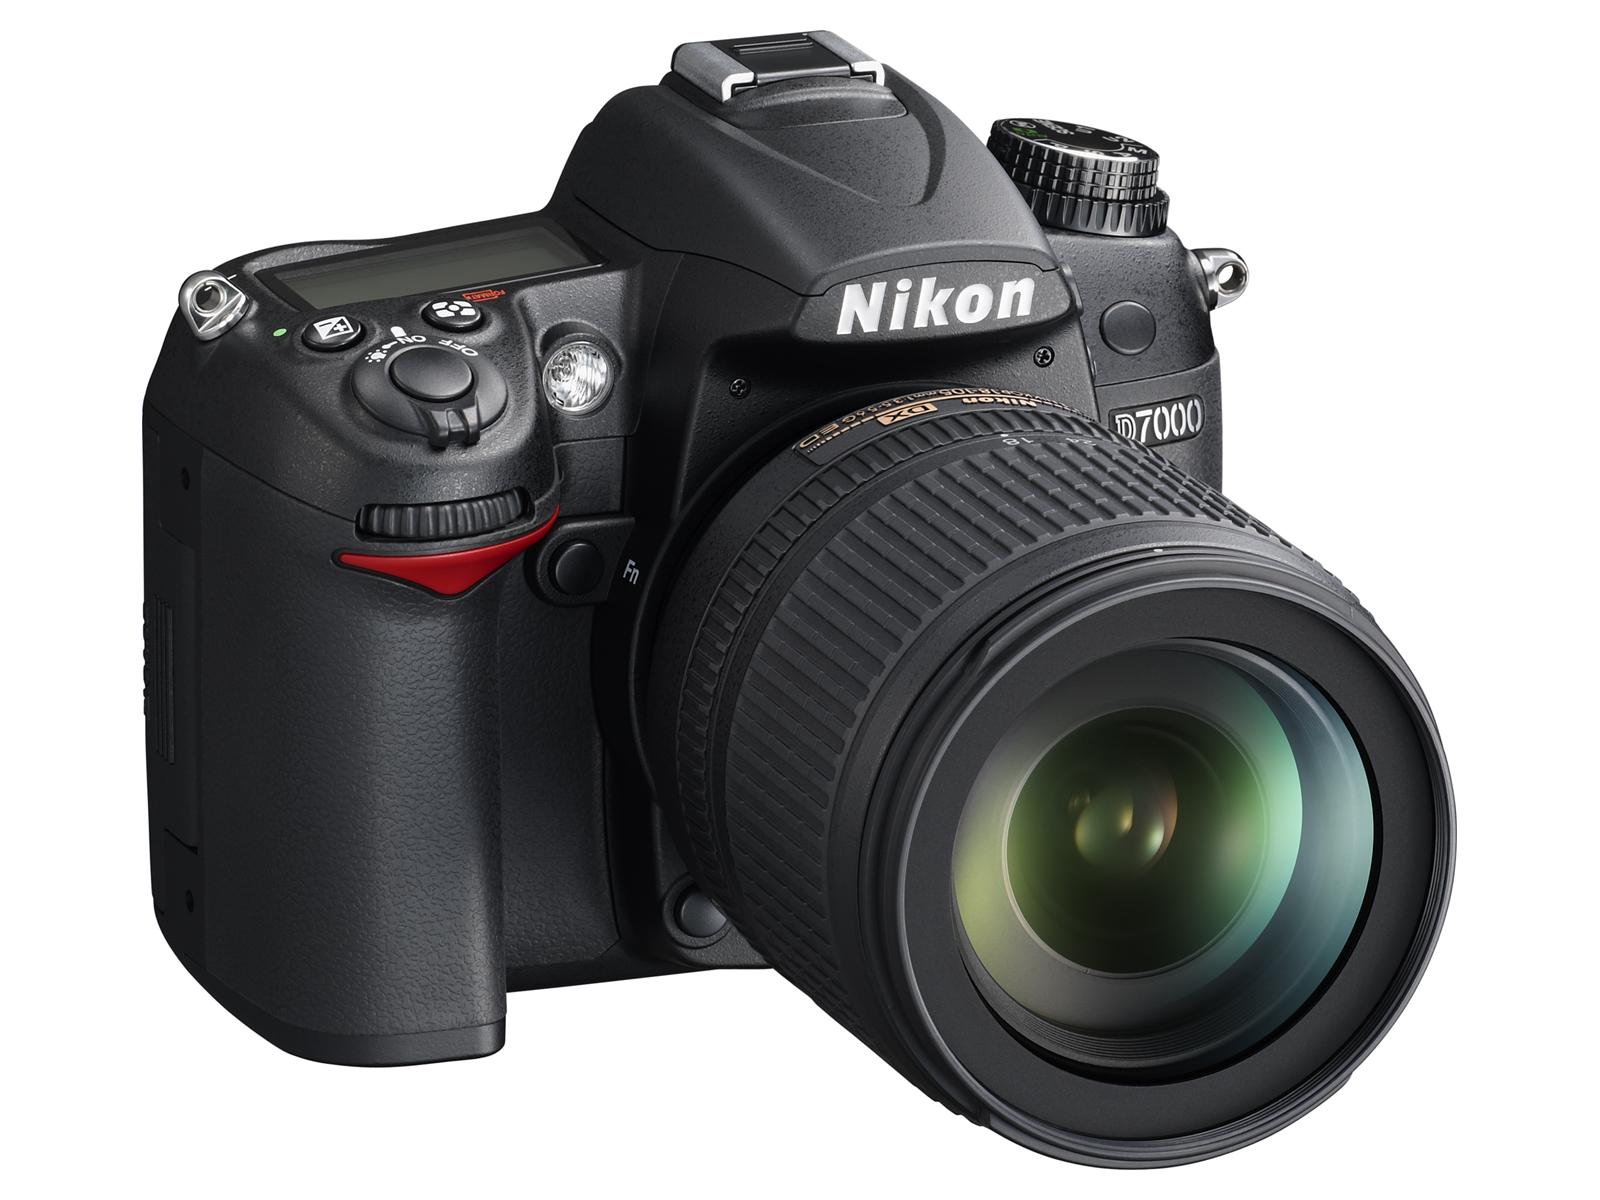 Nikon D7000 - 4